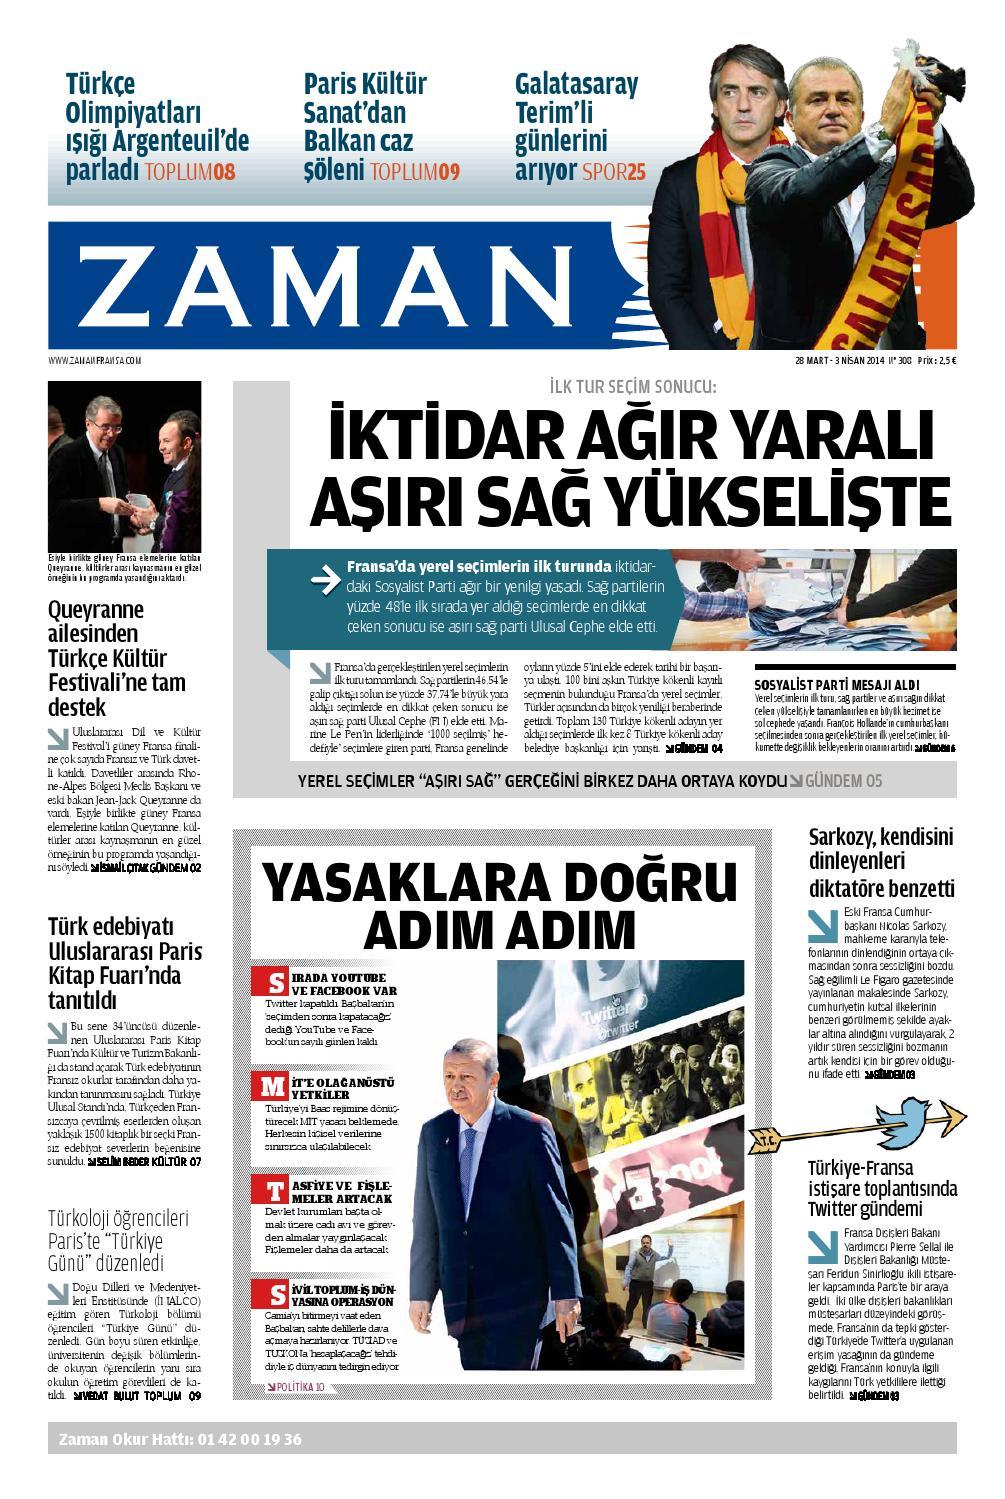 AK Partili Tayyar: Yeni bir derin devlet oluşturulacak, bunlar milletten emir alacak 70